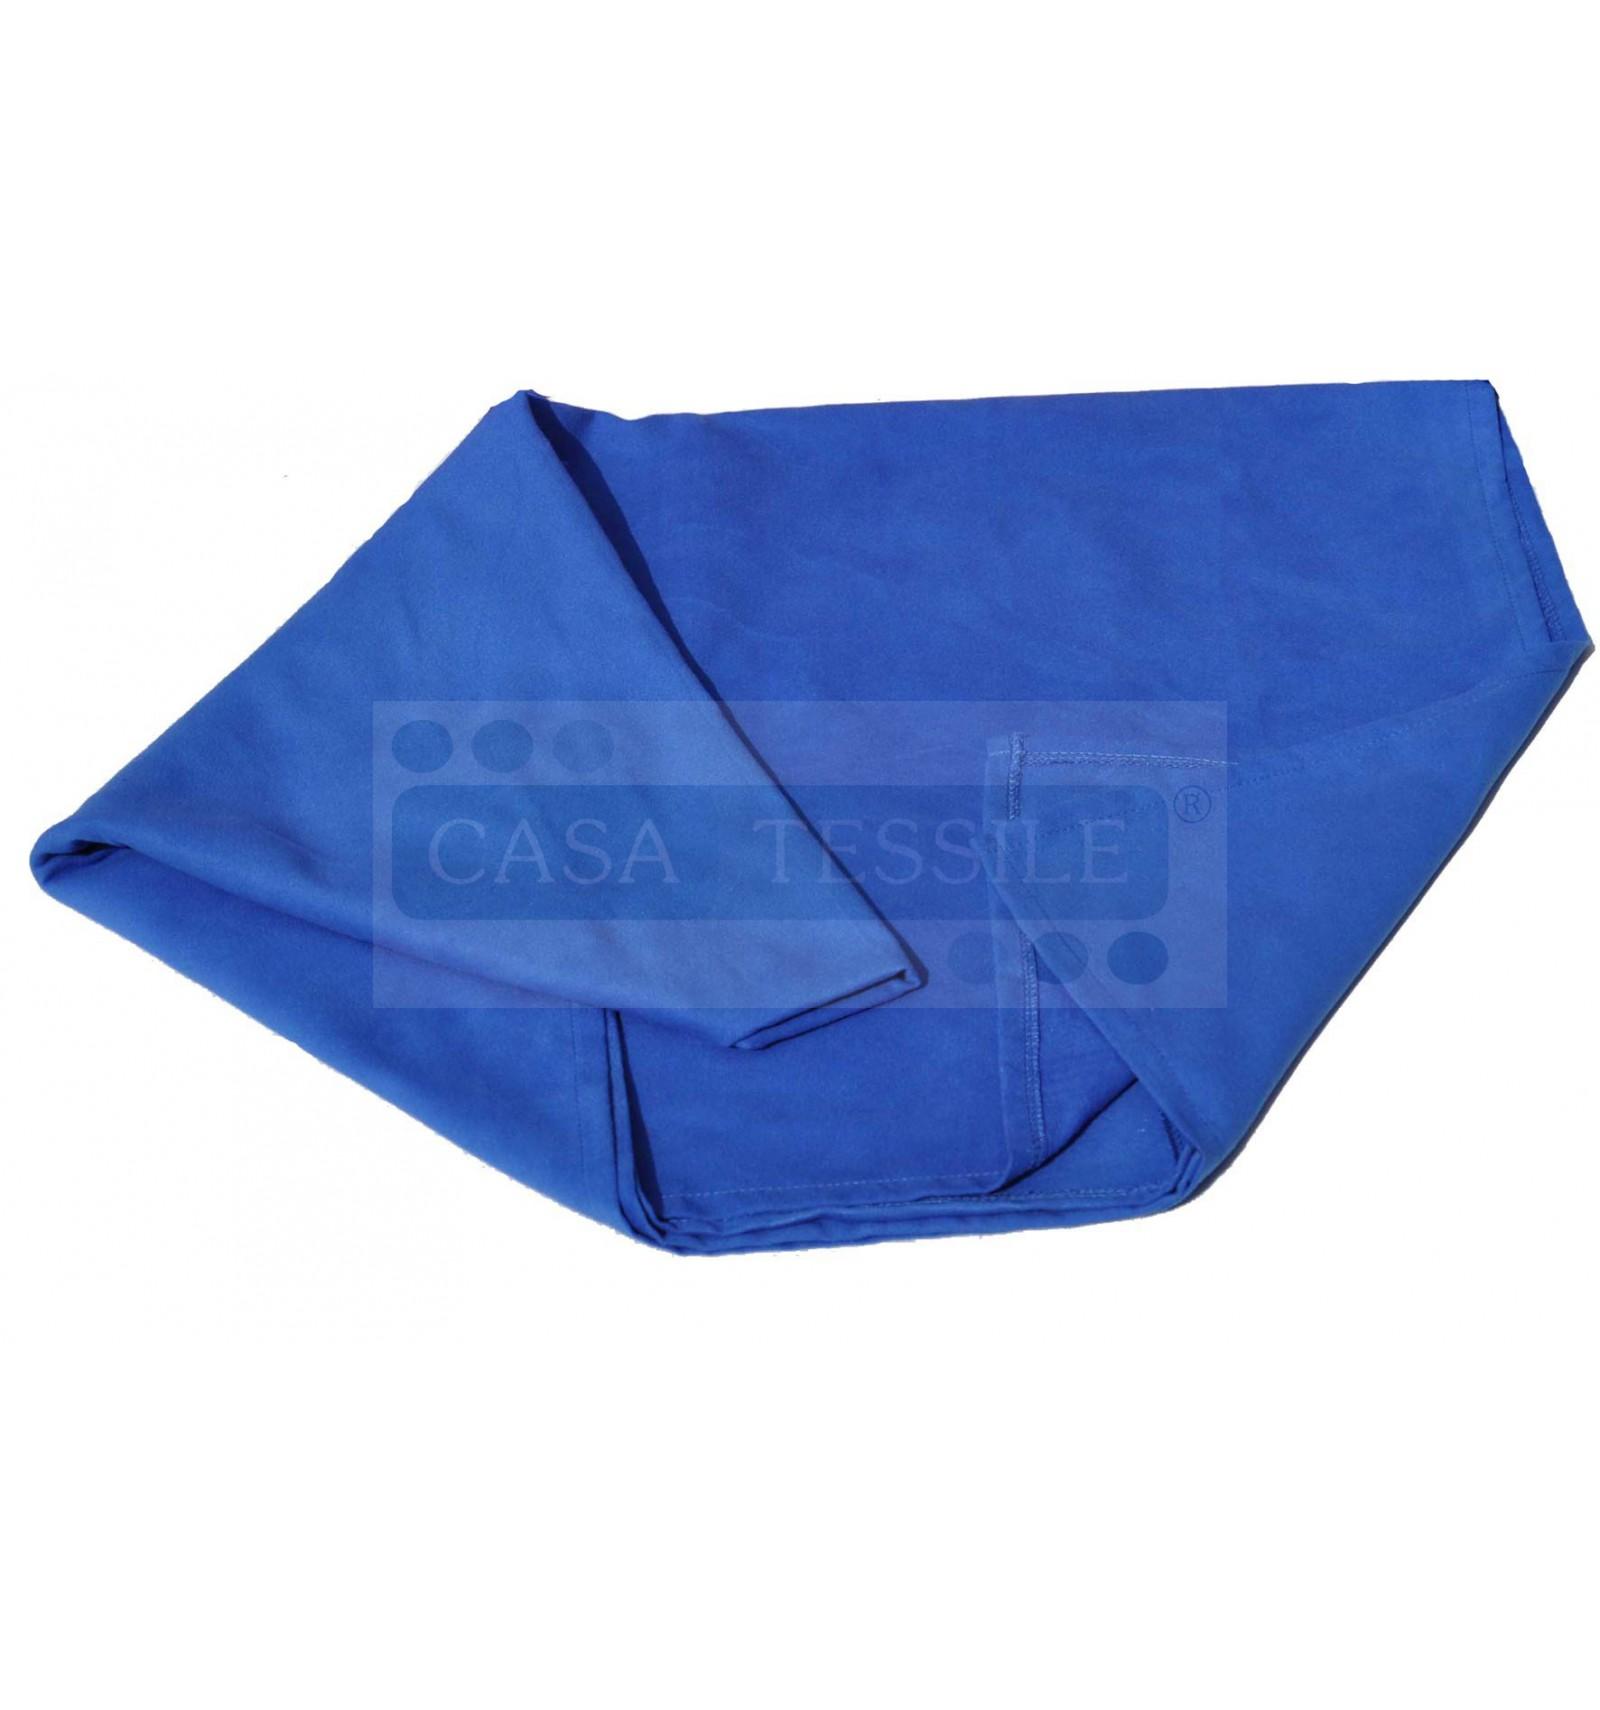 1a7af34b497b3 Visage de serviette microfibre serviette 40 x 60 cm - CASA TESSILE